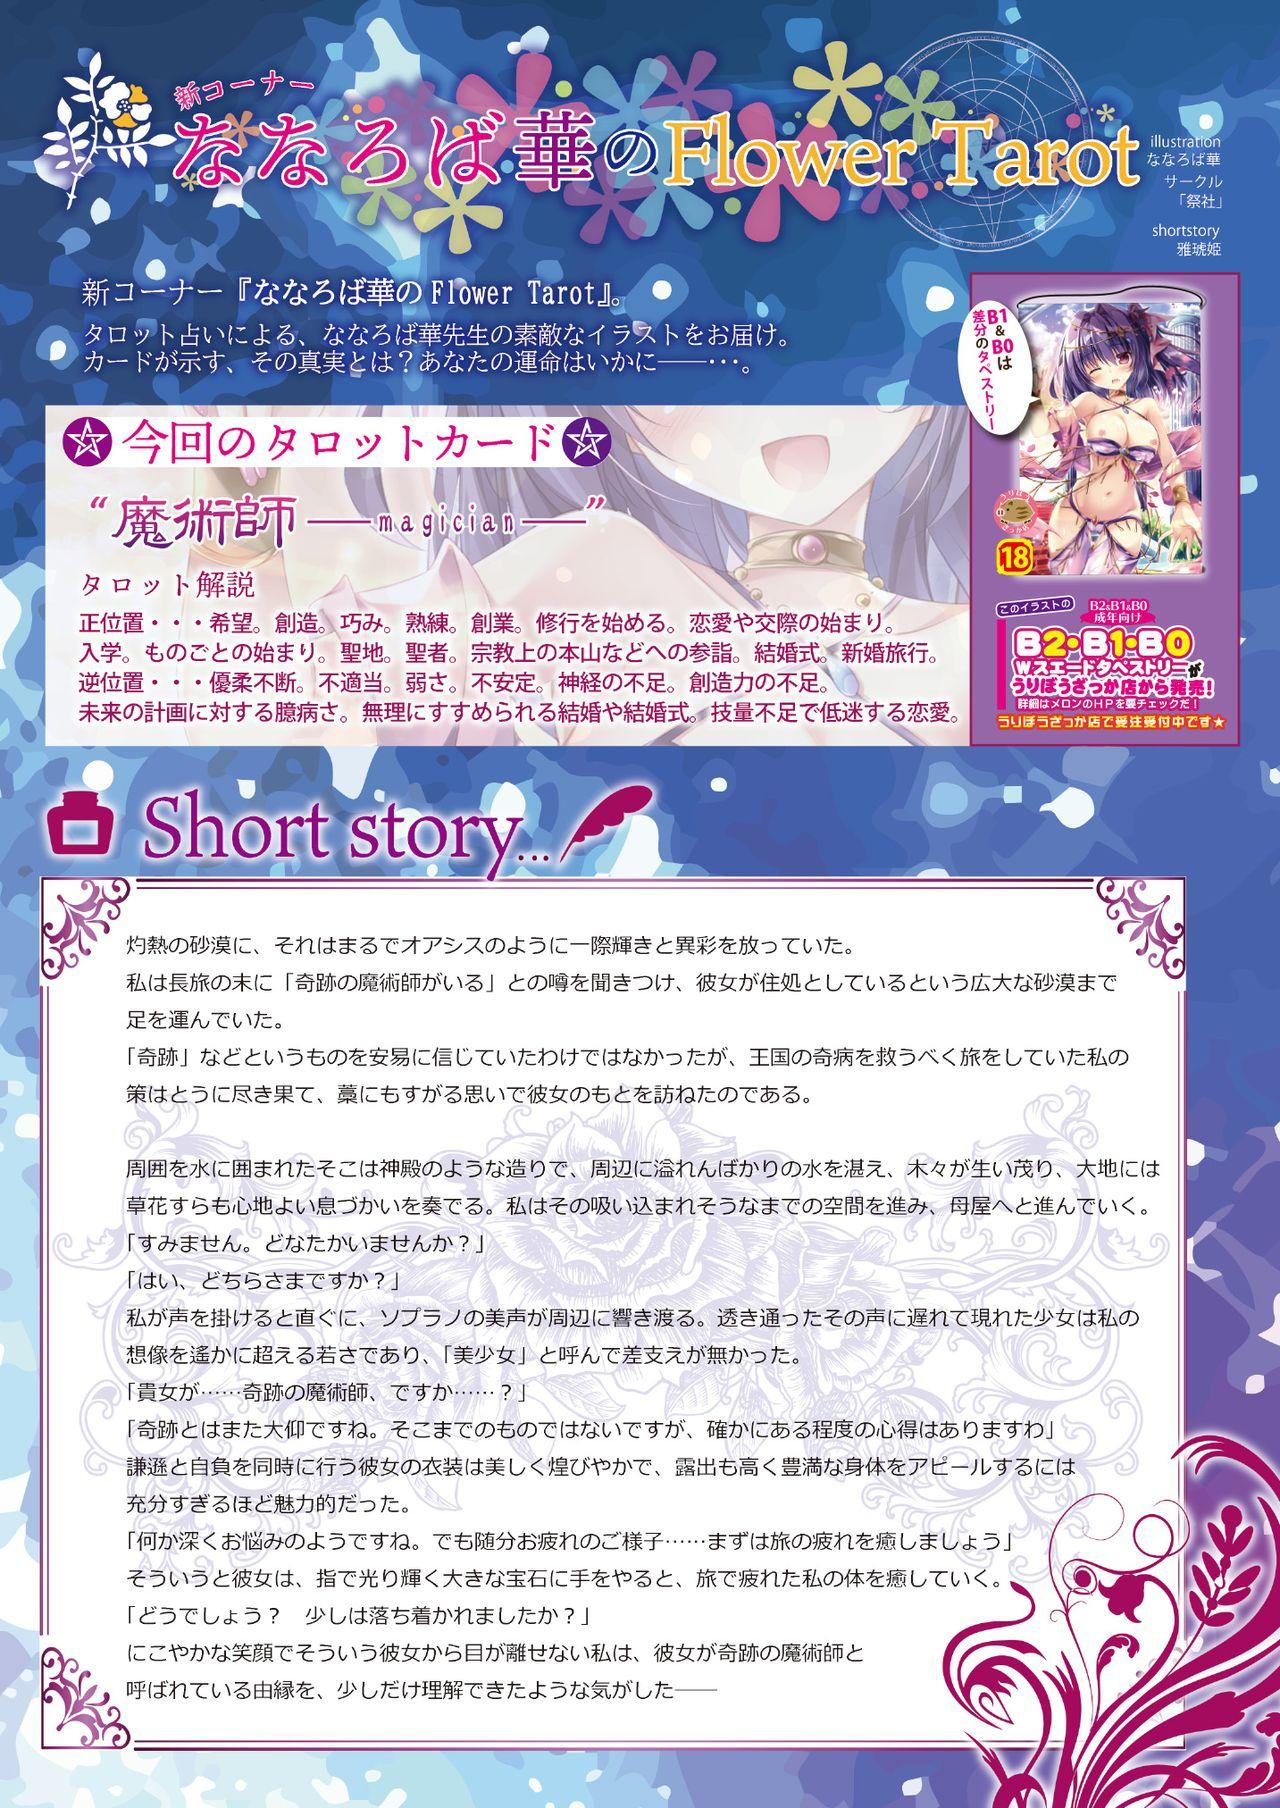 うりぼうざっか店 2020年4月3日発行号 17